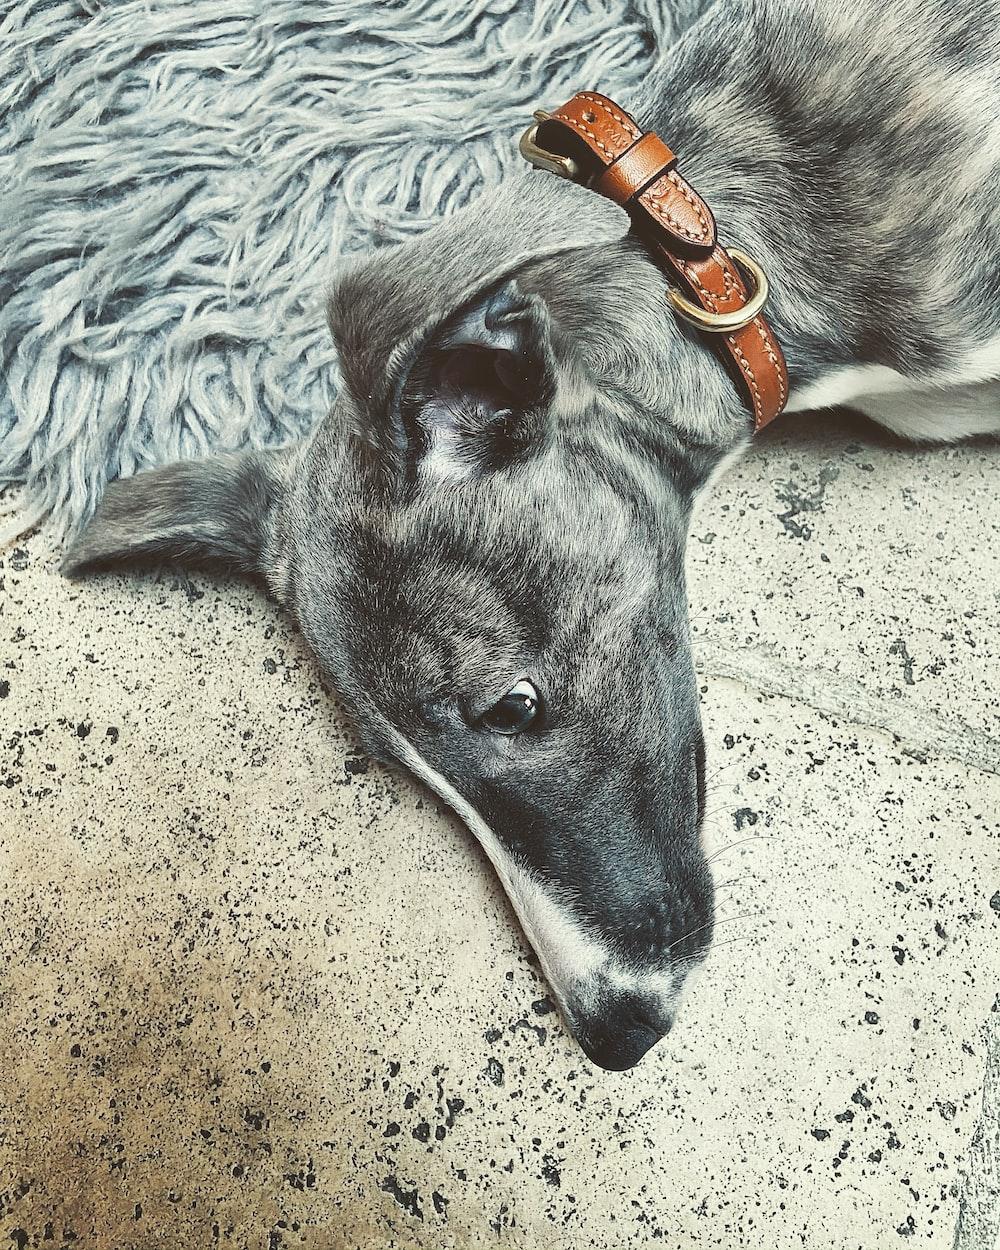 black and white short coated dog lying on white textile